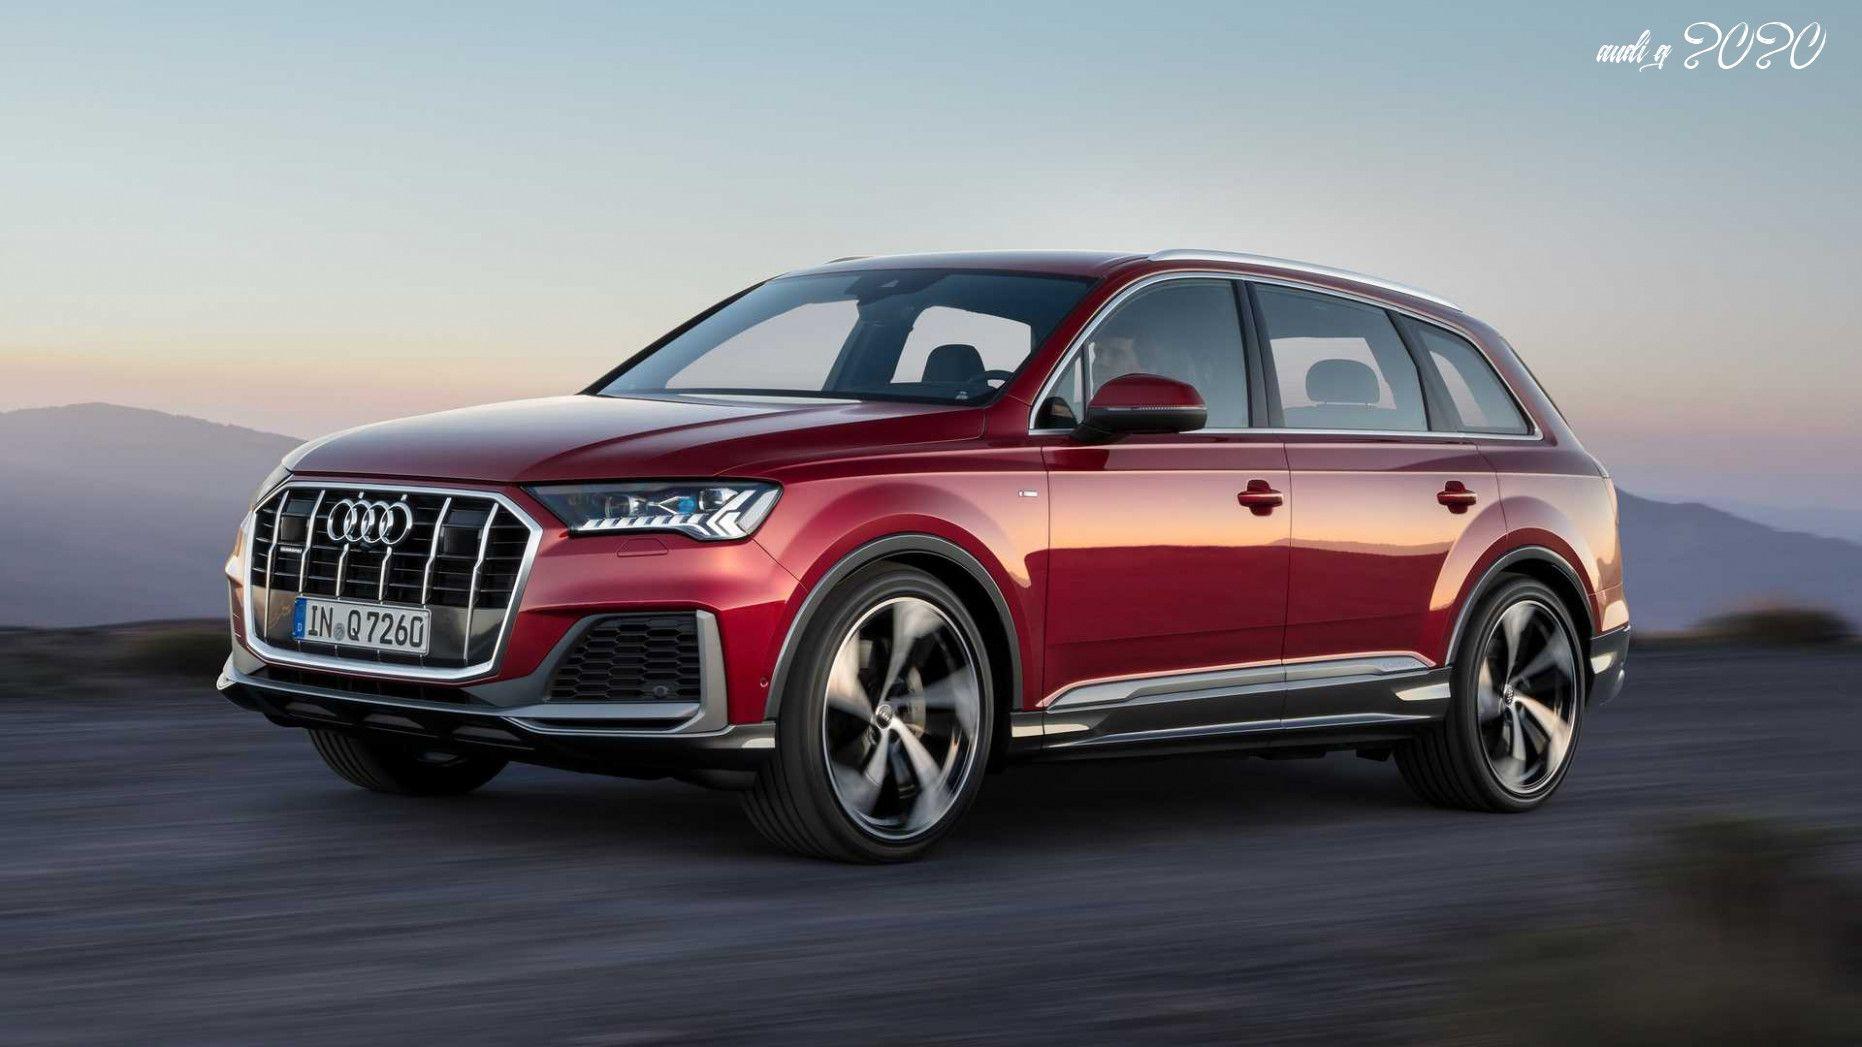 Audi Q 2020 In 2020 Audi Q7 Audi Audi Q